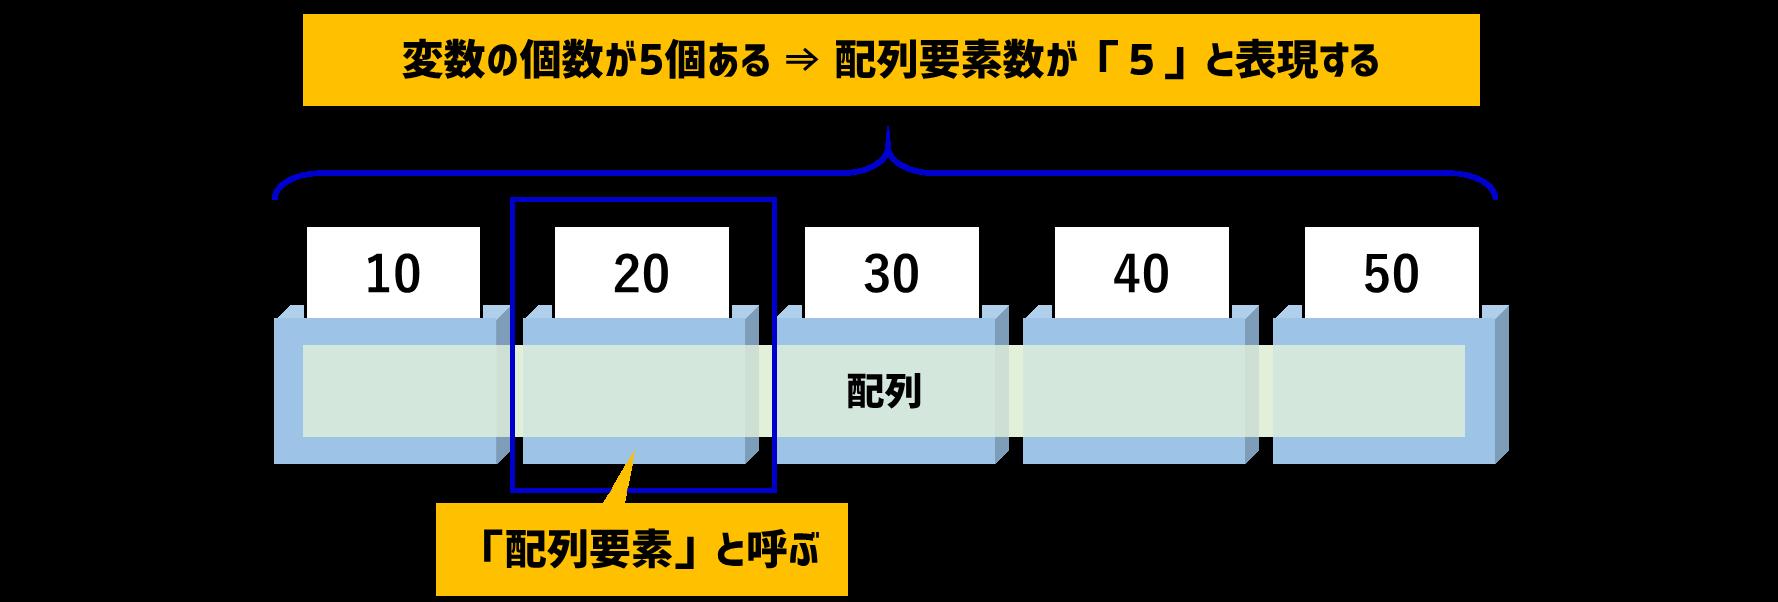 配列要素数と配列要素